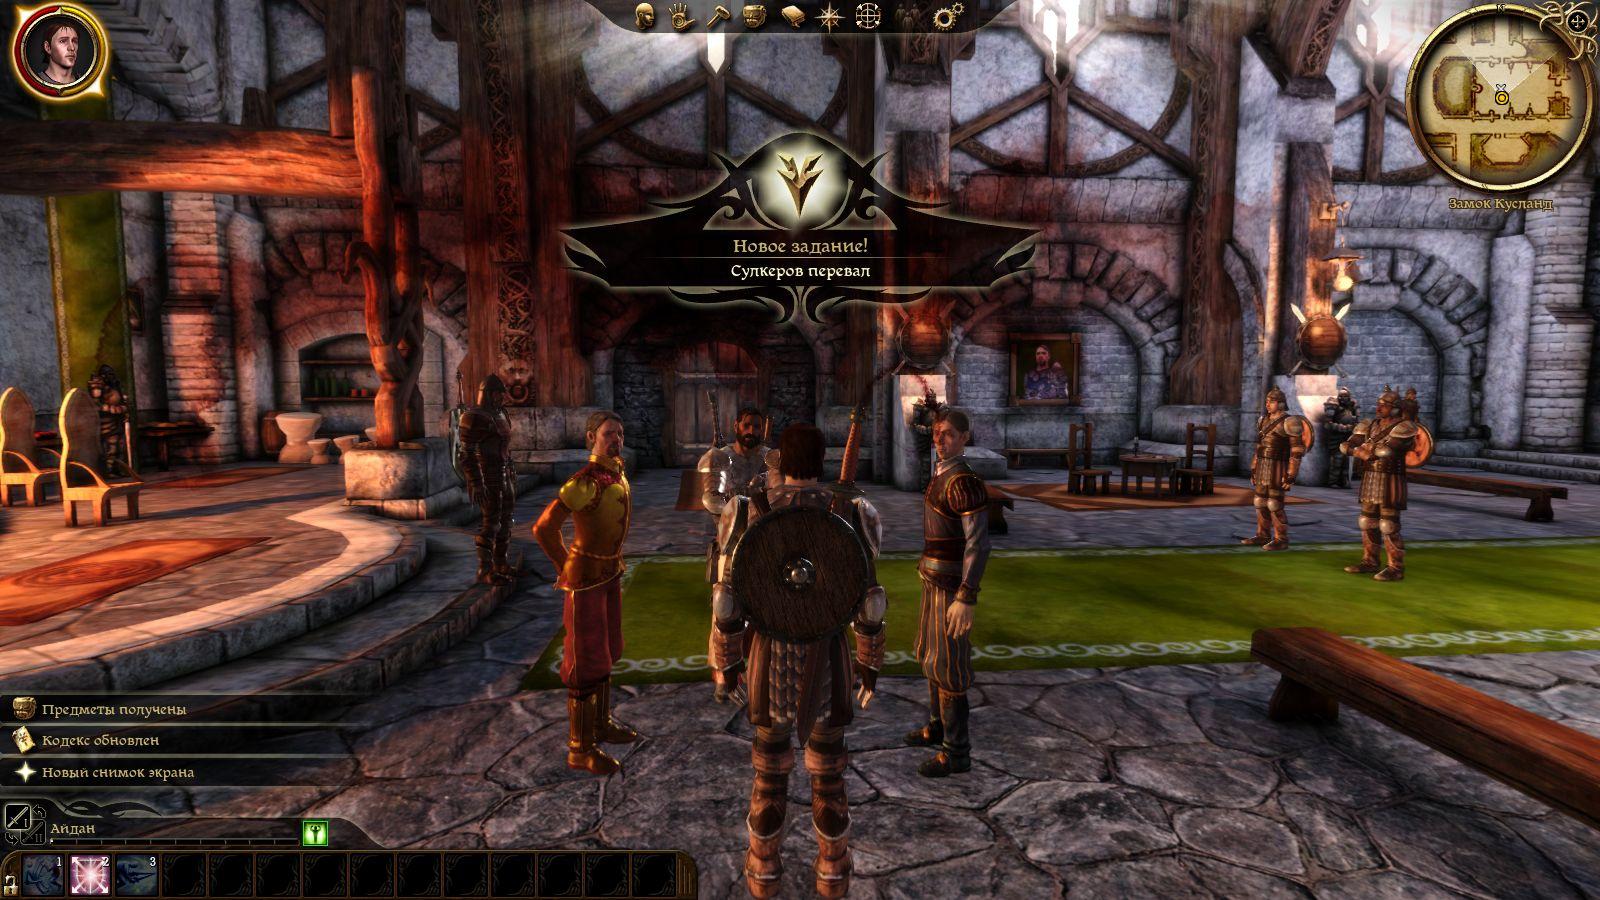 Патчи для Dragon Age Origins